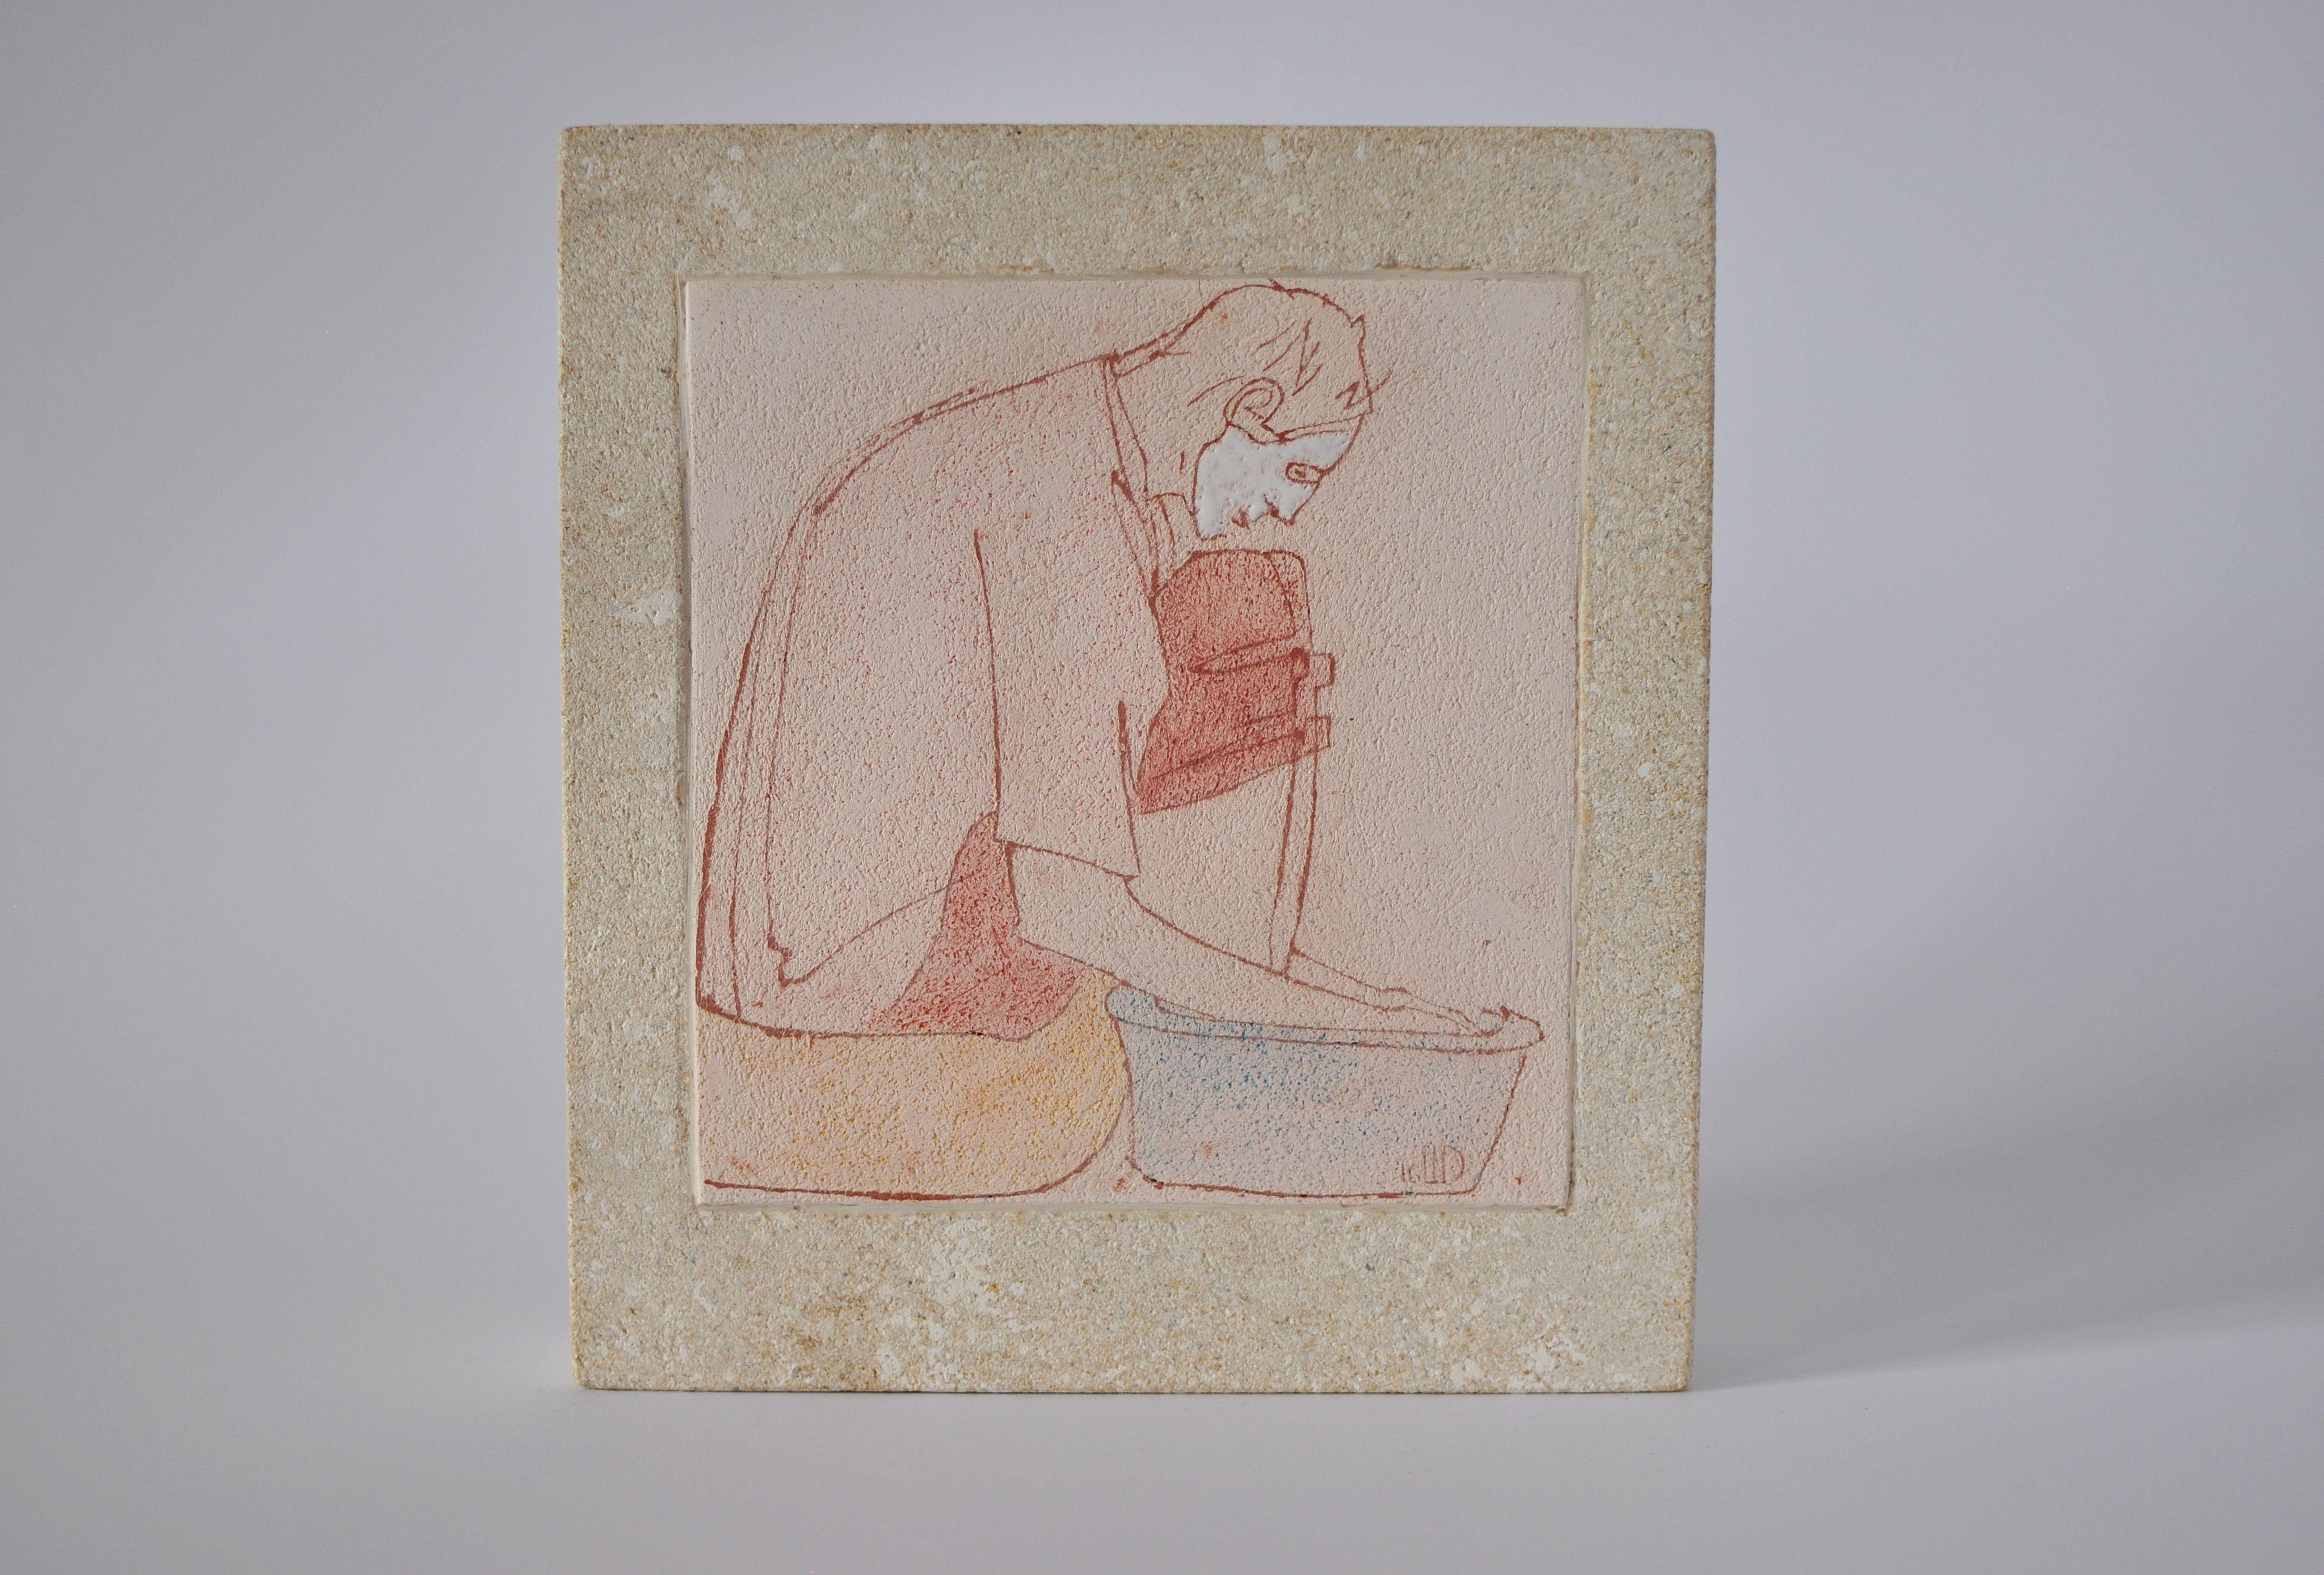 Денис Шиманський. Купання БУМ, 2016; кераміка (шамот), вапняк